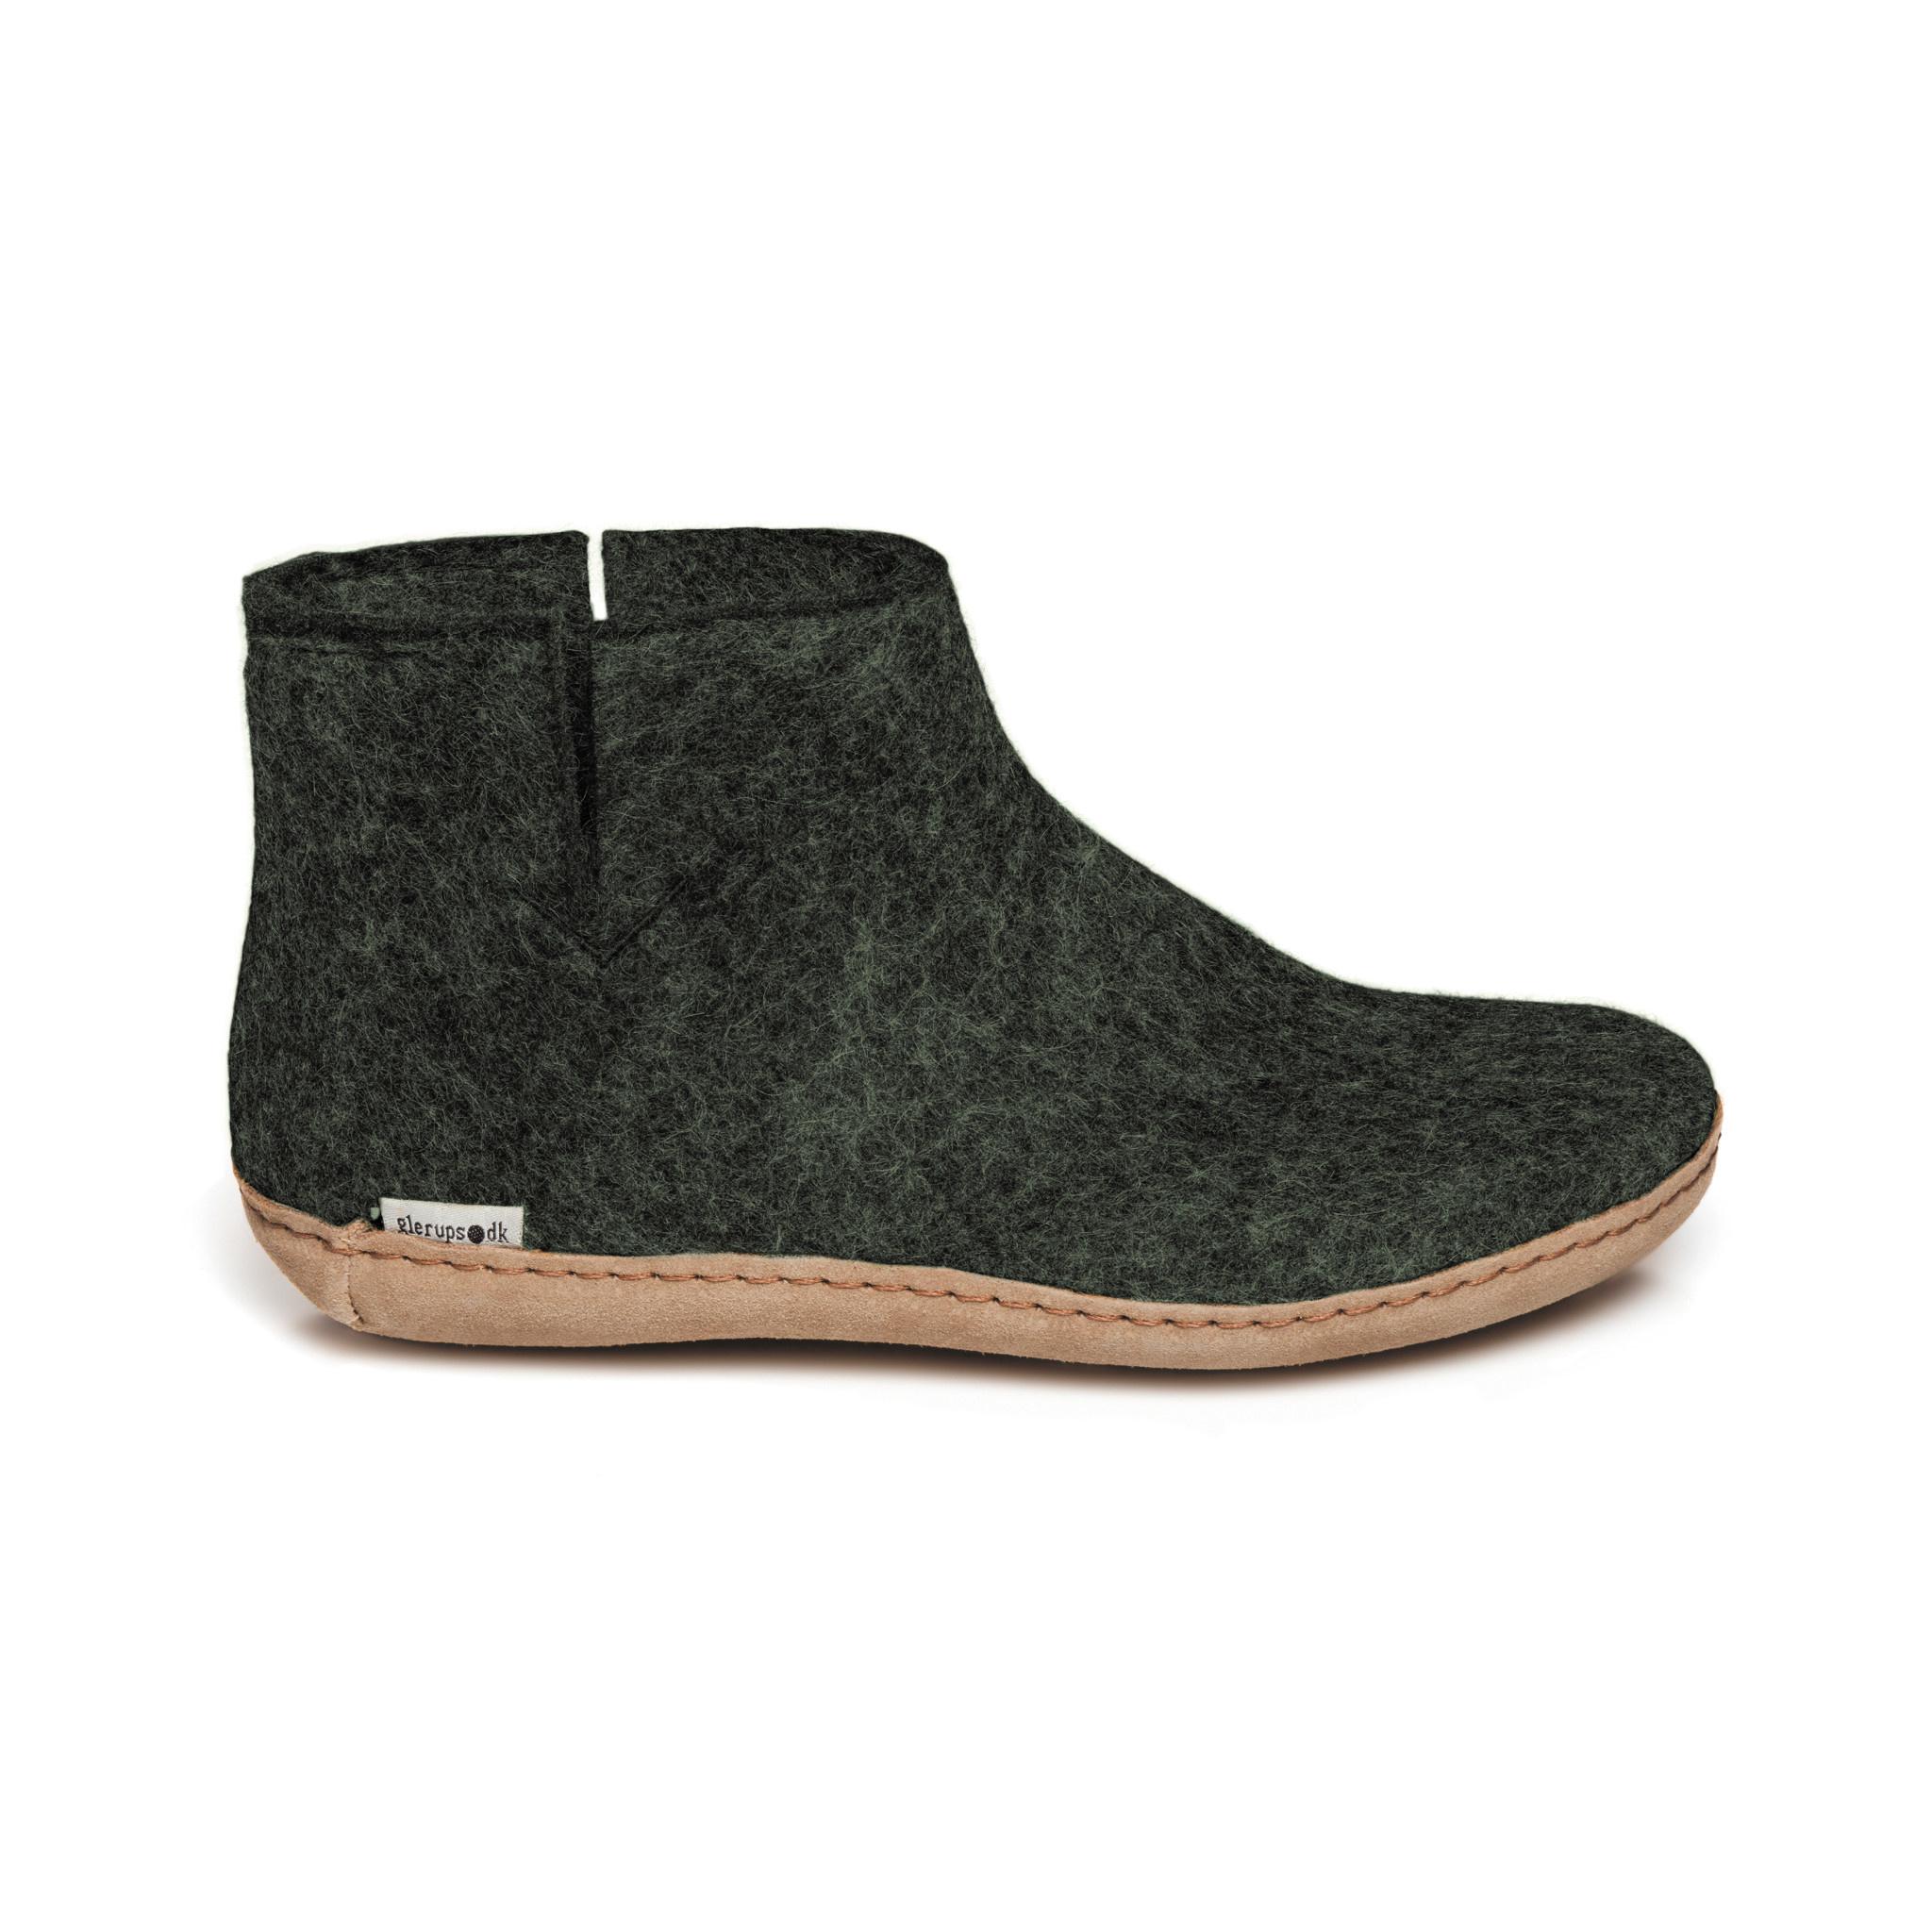 Glerups Glerups Bottillon/Boot - Forest